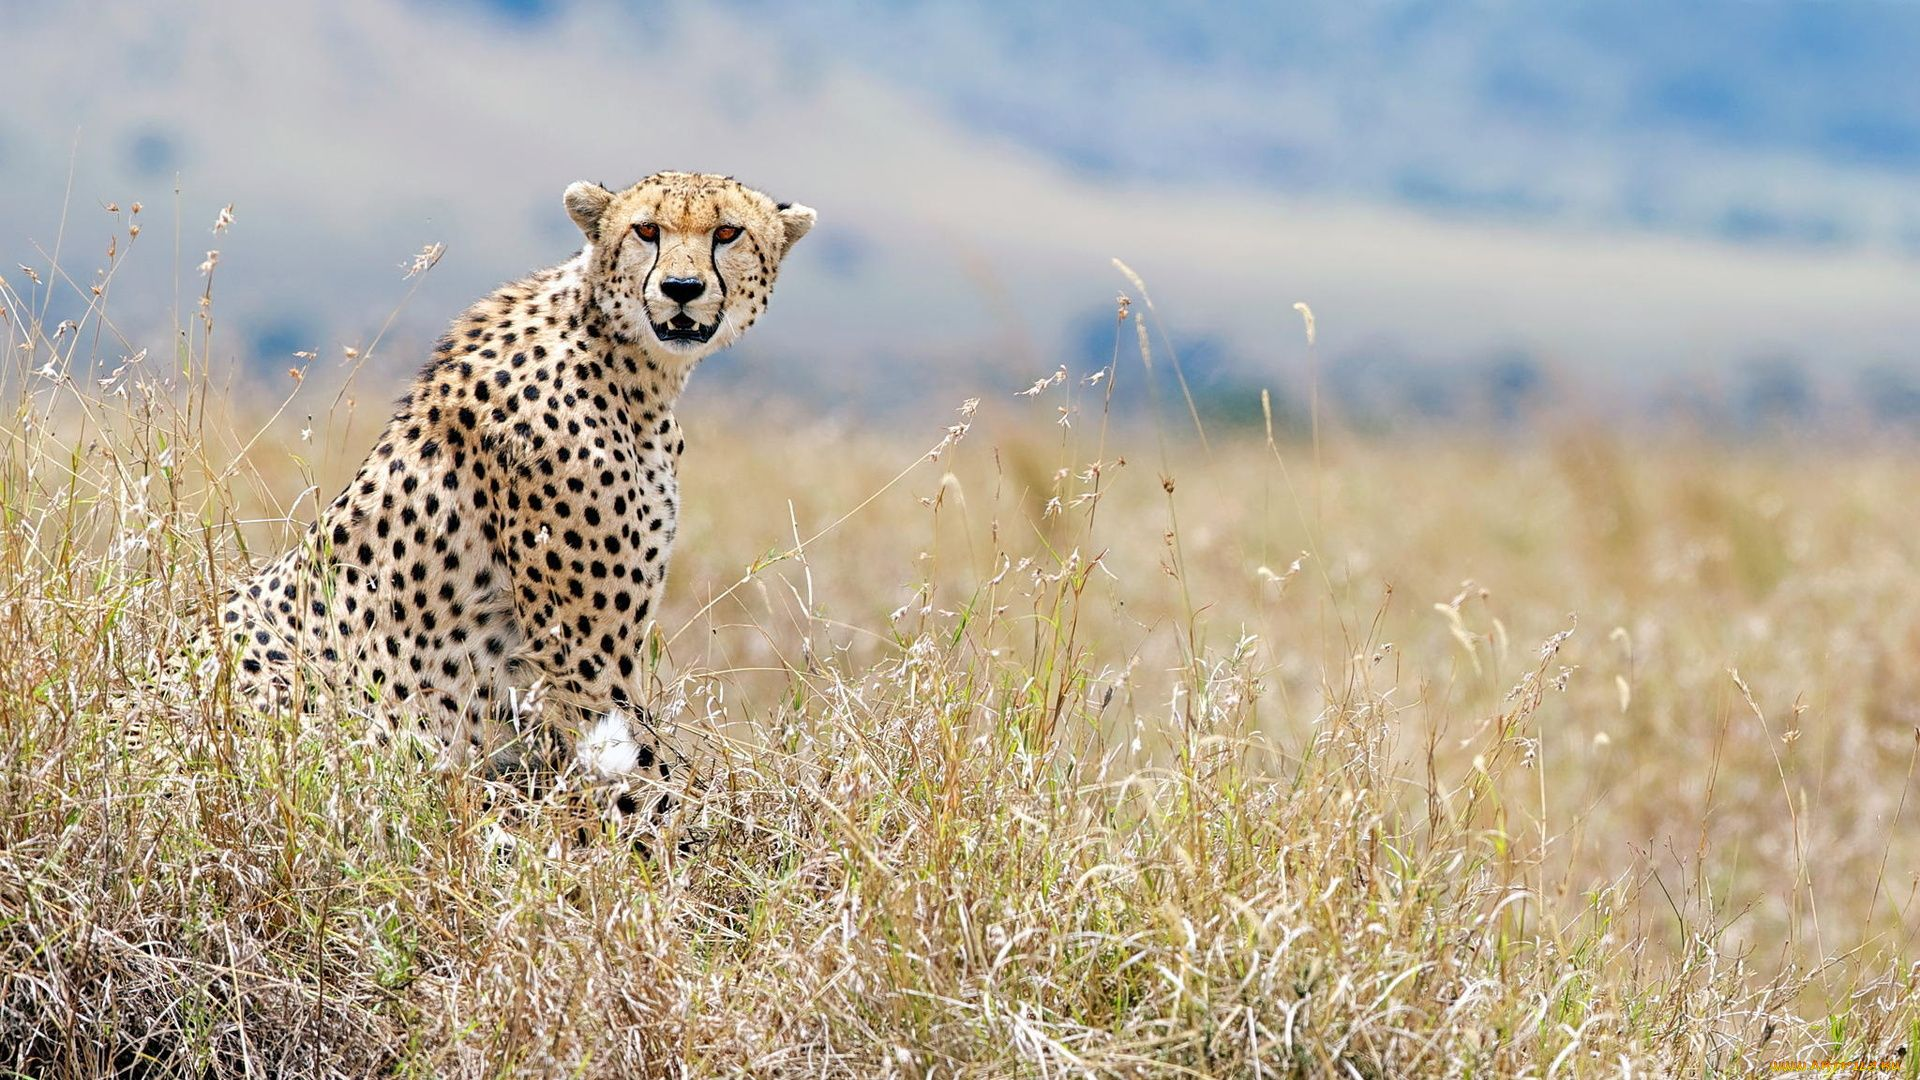 Cheetah High Resolution Photo